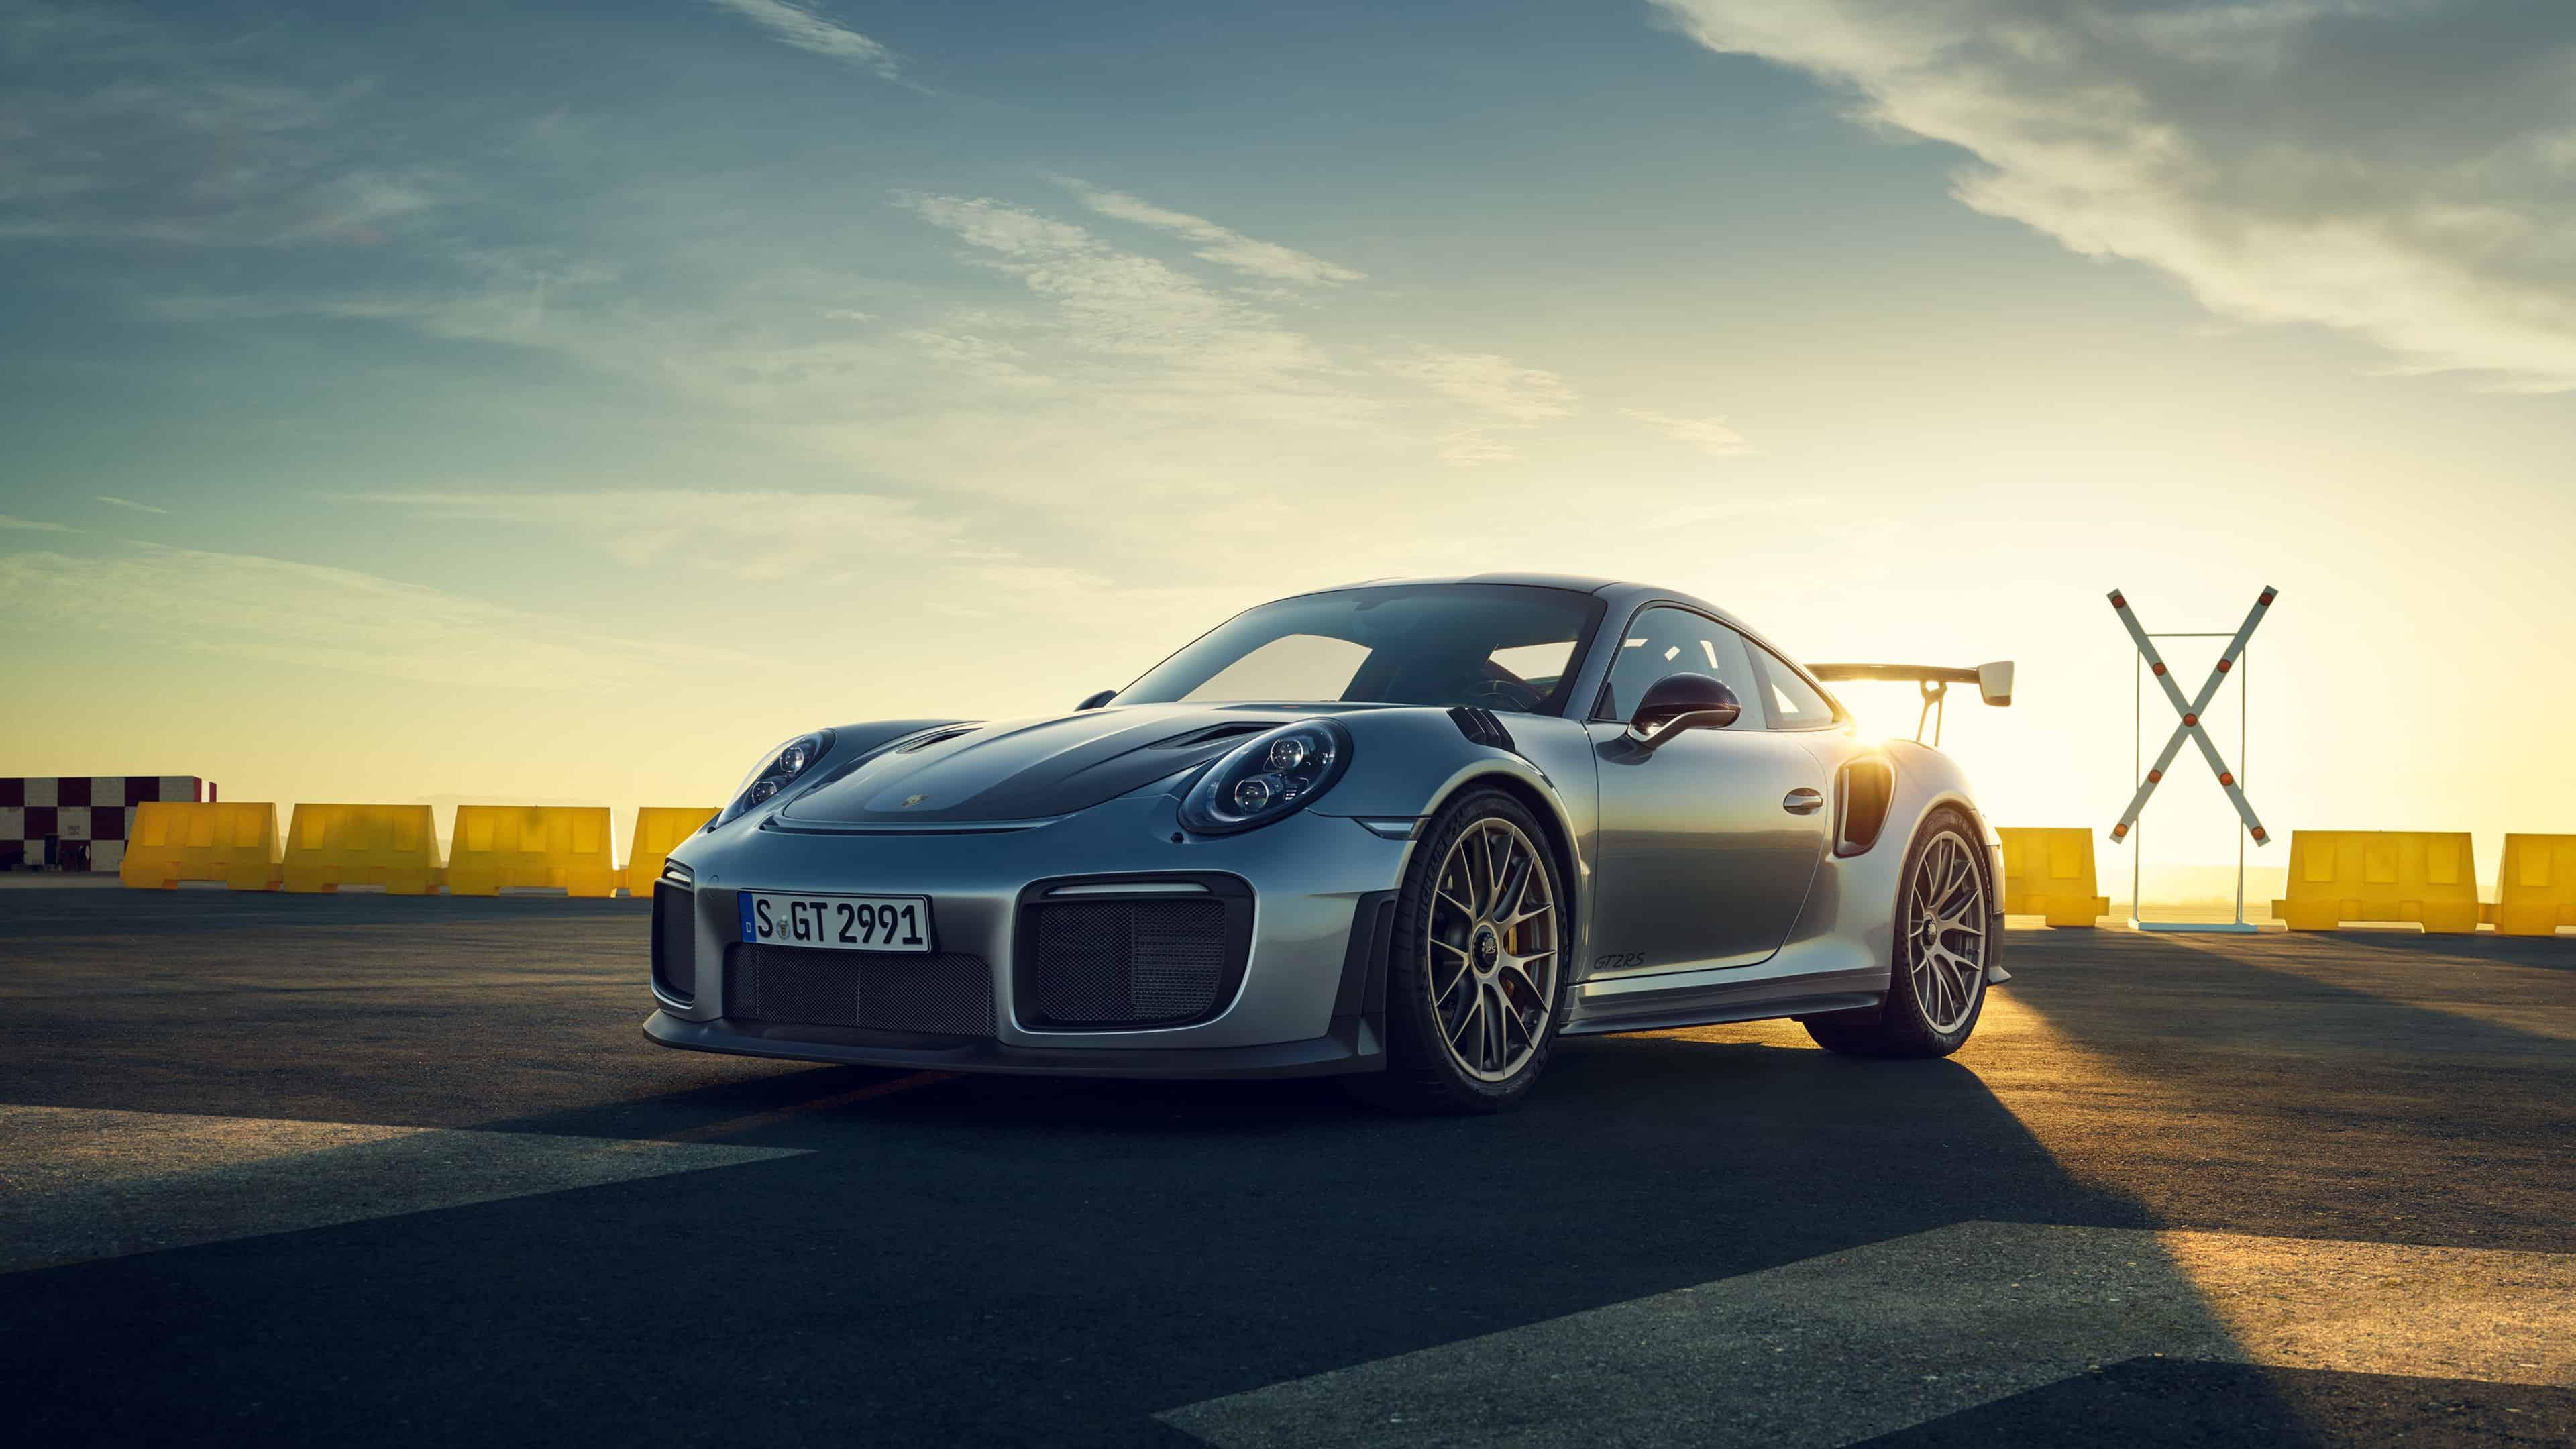 Porsche 911 Gt2 Rs Uhd 4k Wallpaper - Porsche Gt2 Rs 4k - HD Wallpaper